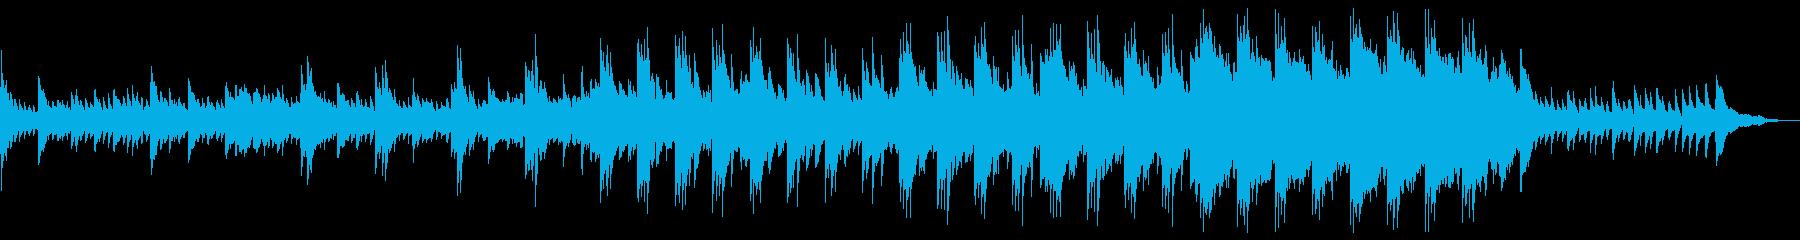 クラシック交響曲 エーテル 憂鬱 ...の再生済みの波形